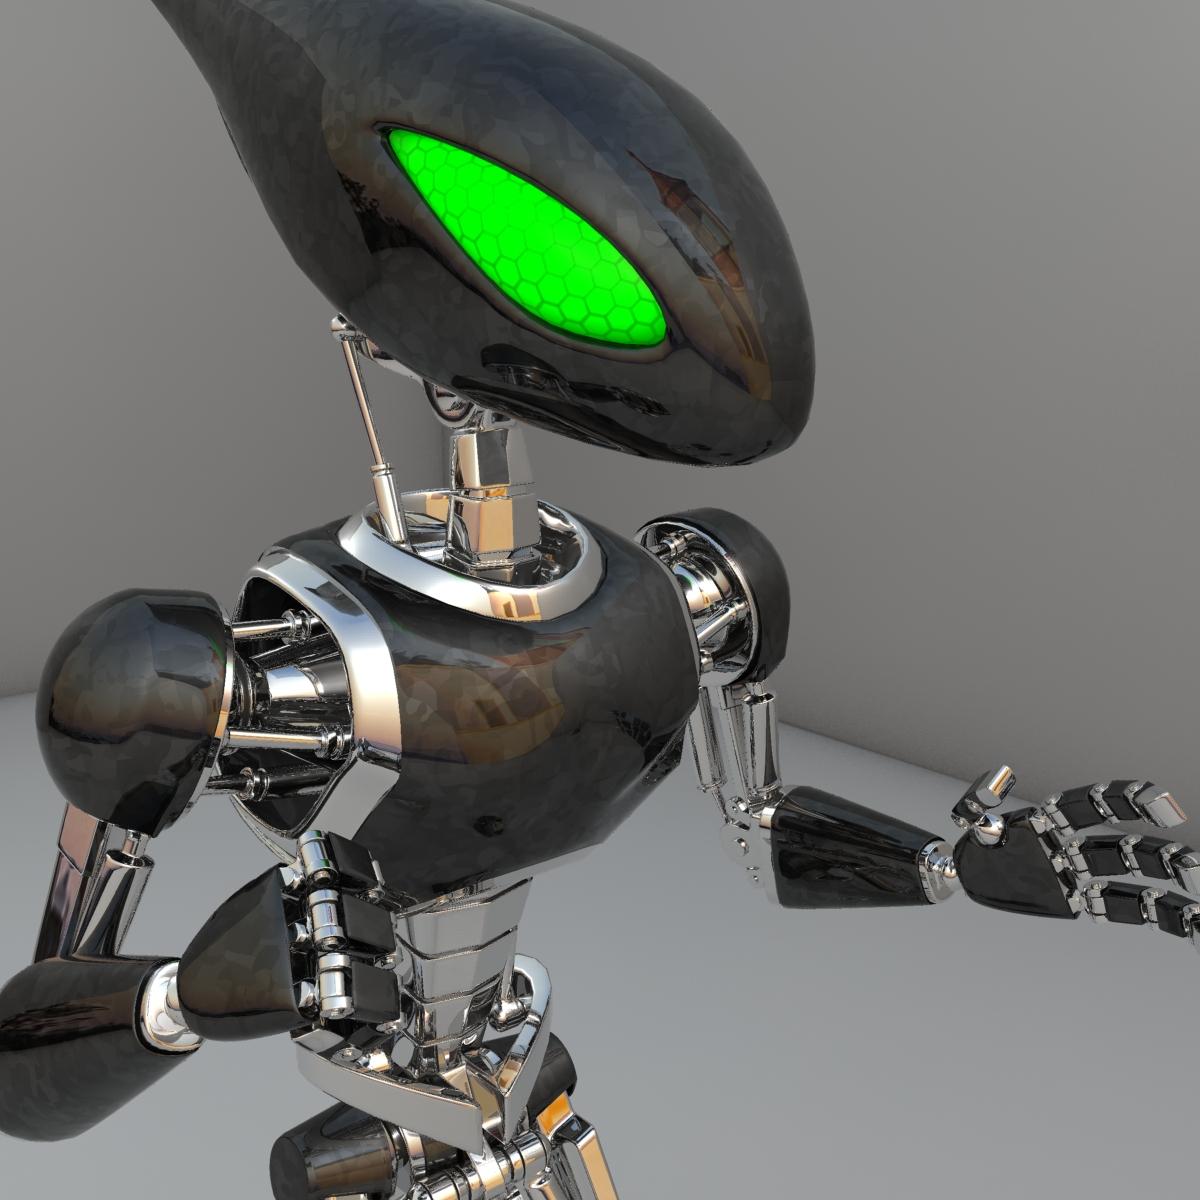 cpkb robot rigged 3d model 3ds max fbx blend obj 119277